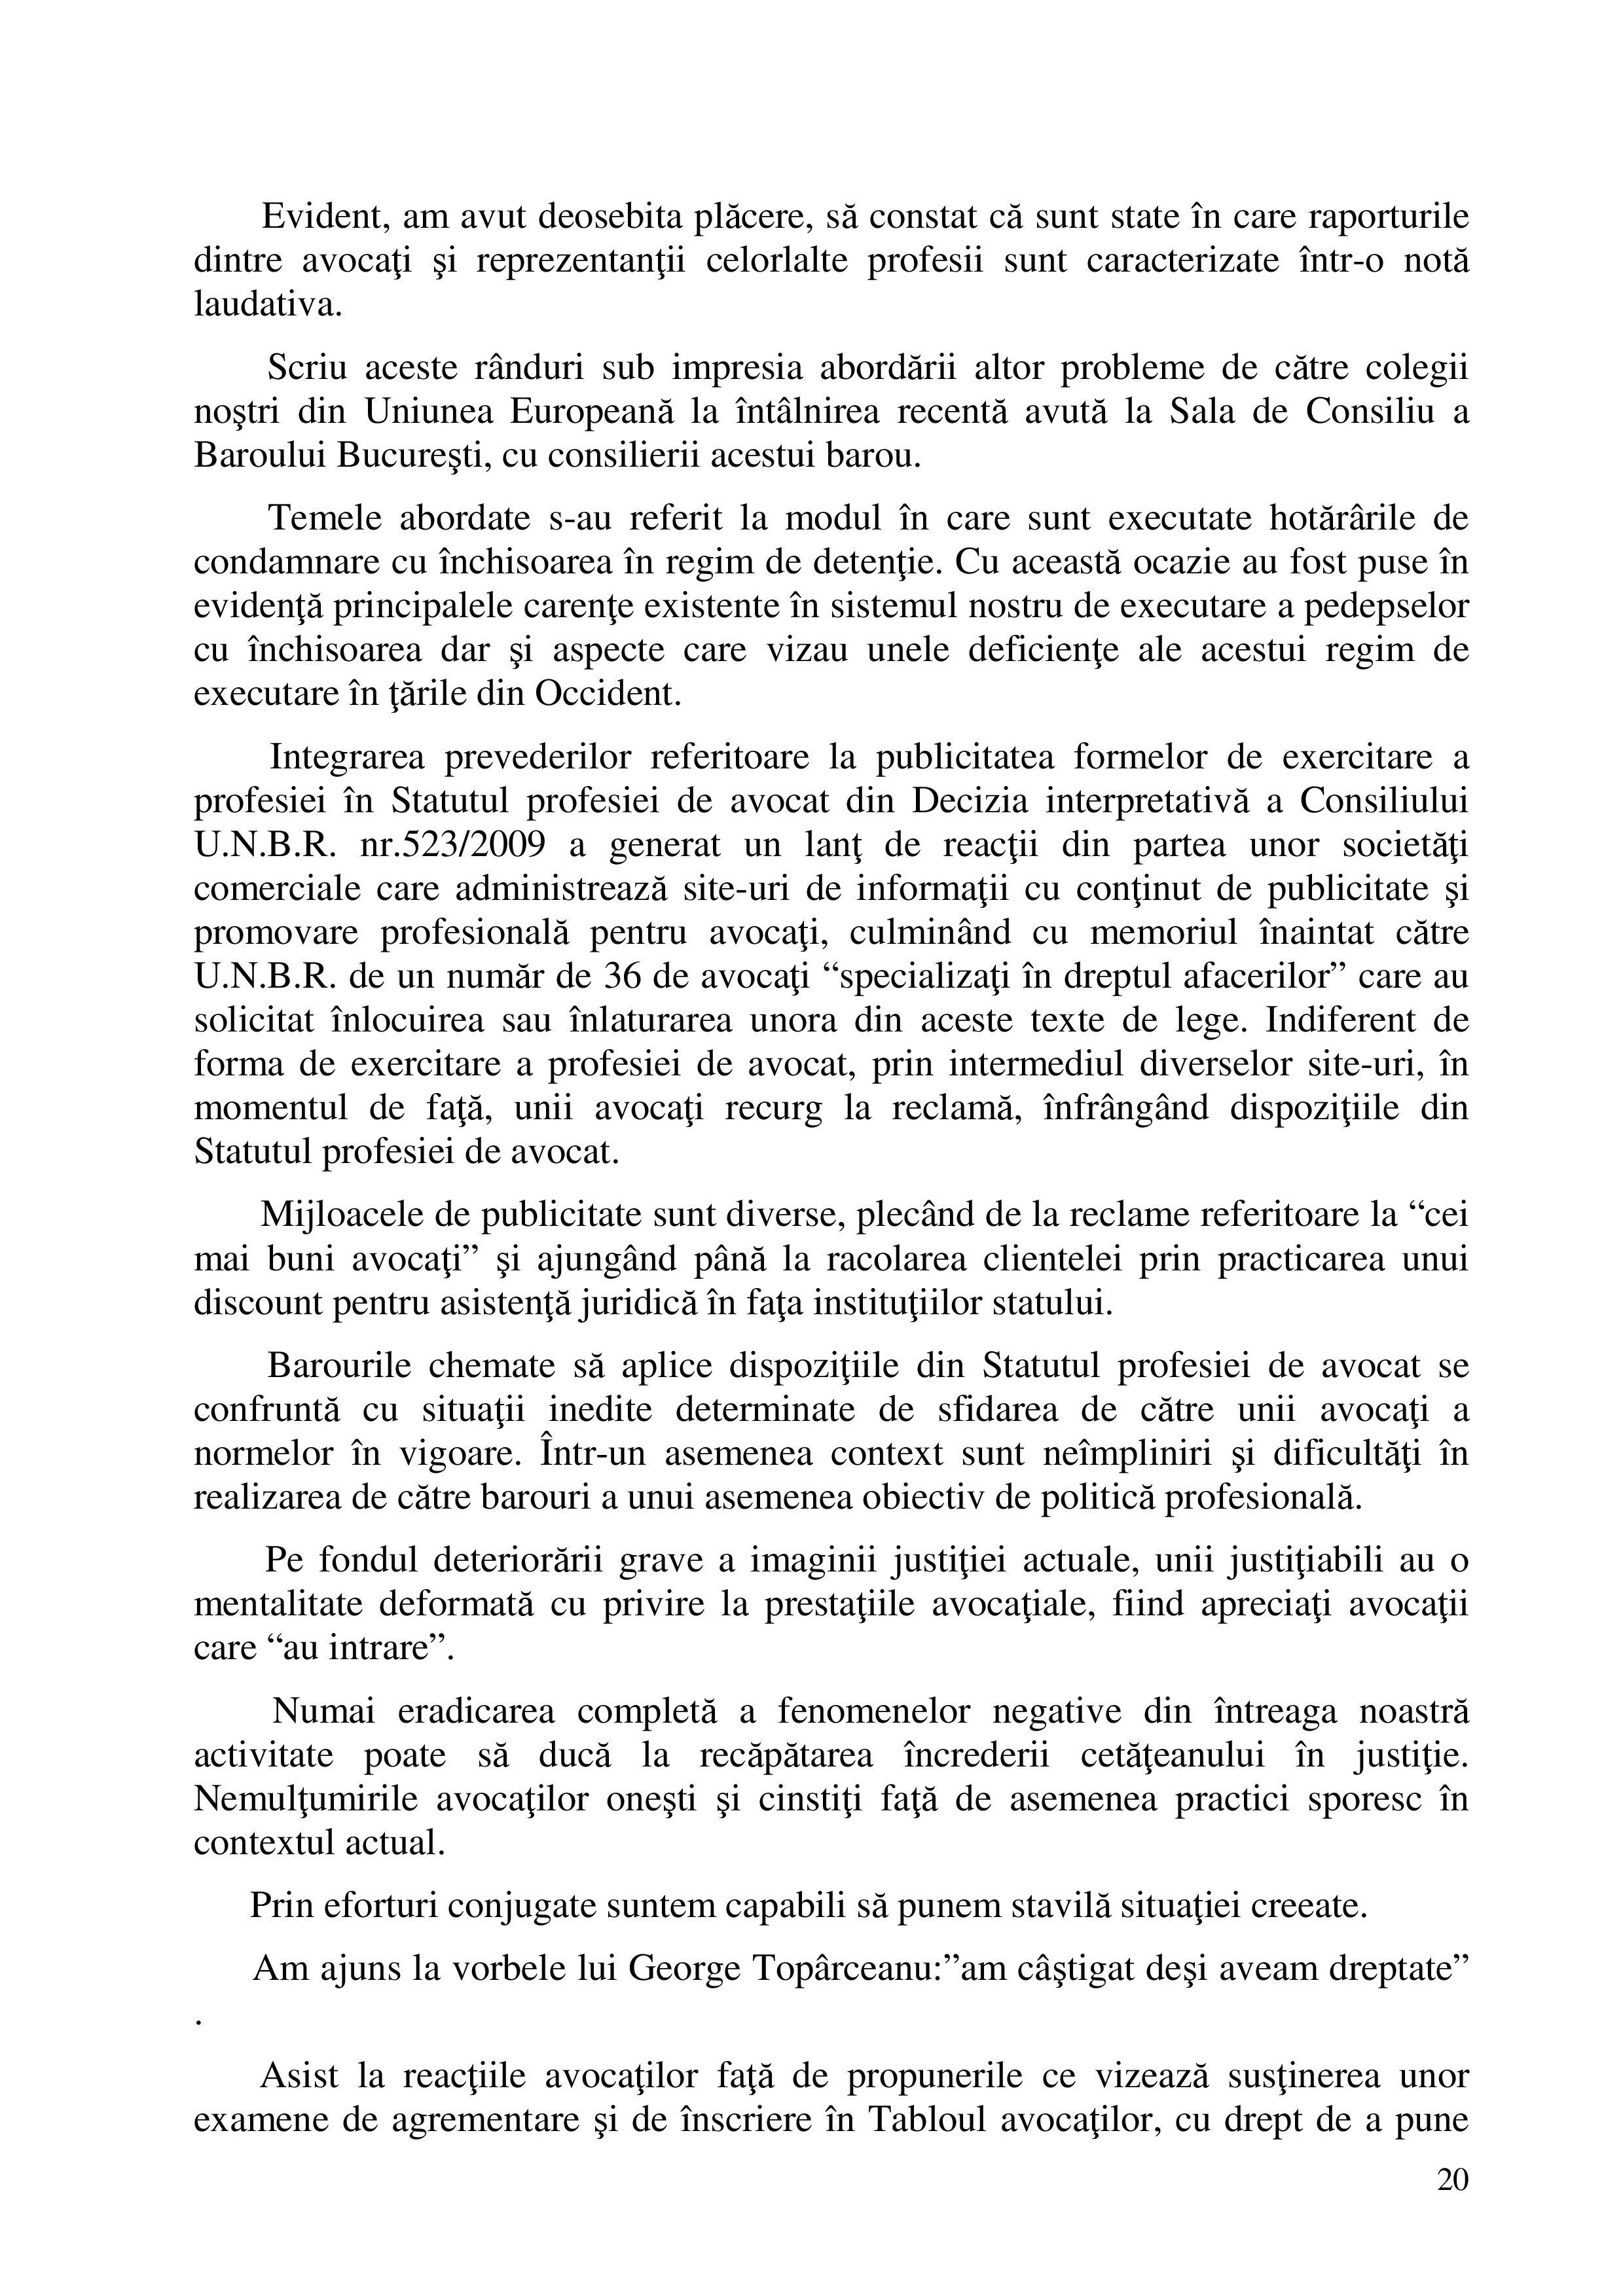 raport-activitate-consiliu-2014 (1)-page-020